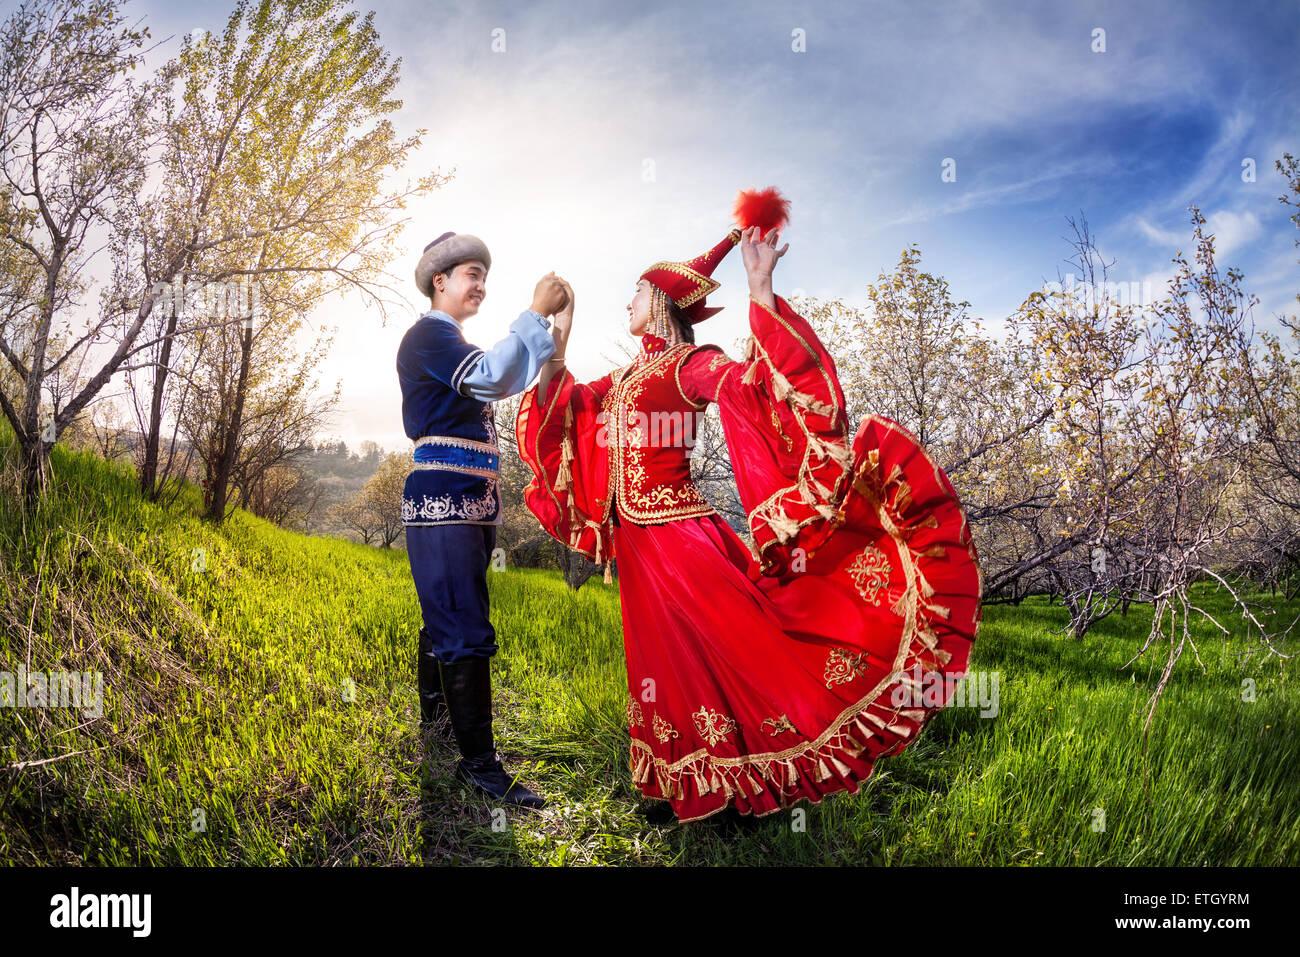 Mulher cazaque dançar no vestido vermelho com o homem na Primavera apple garden em Almaty, Cazaquistão, Imagens de Stock